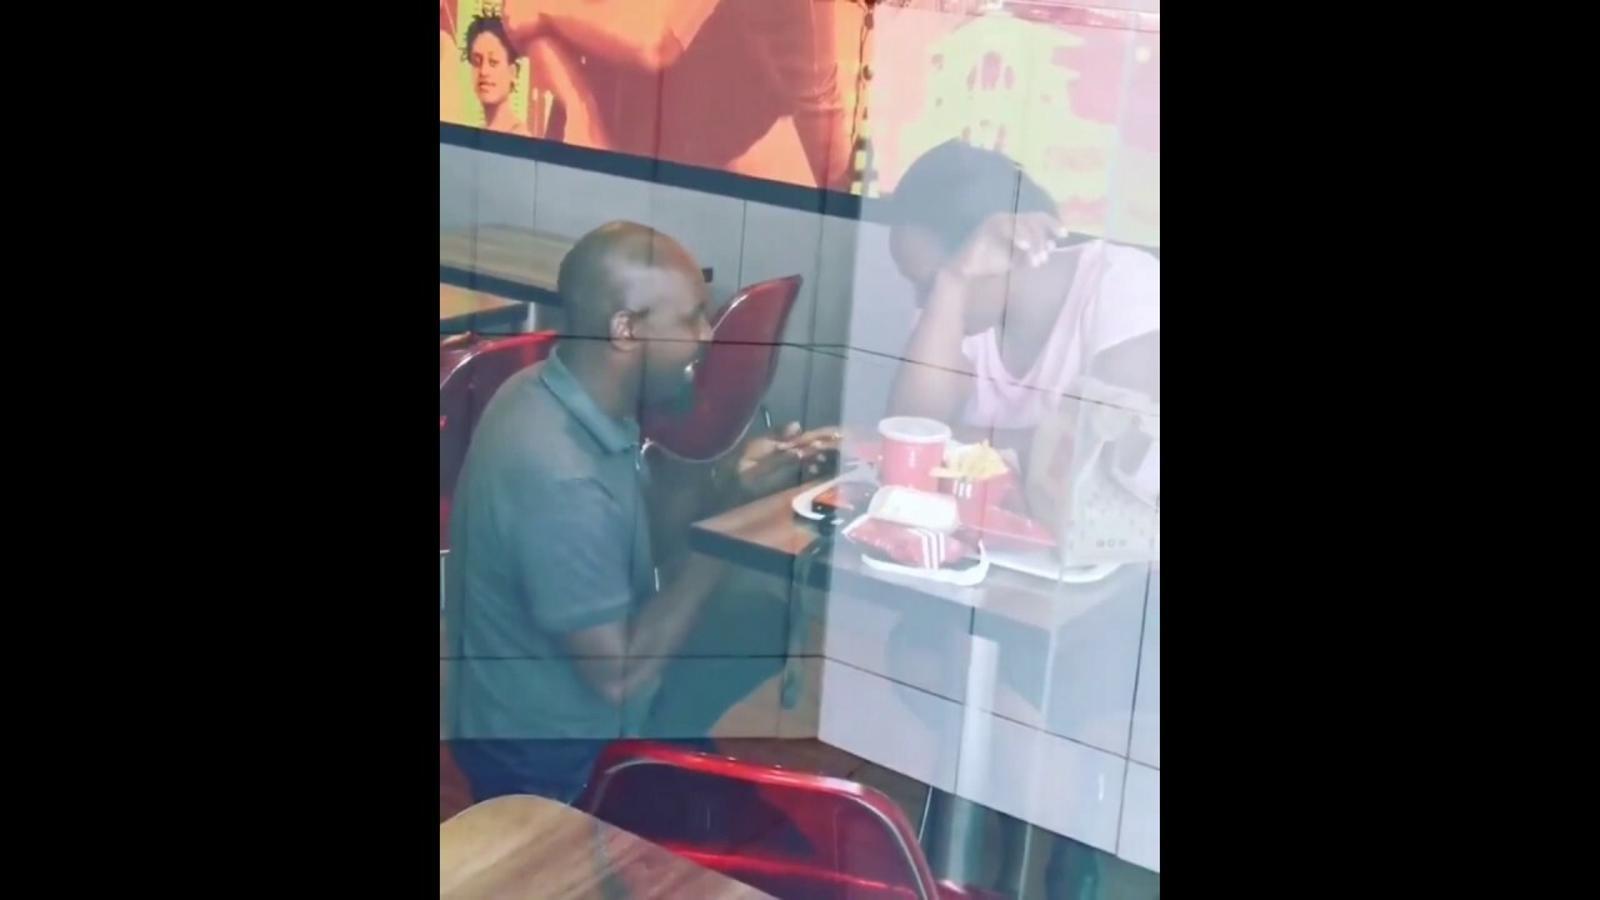 Vídeo de la petició de casament al KFC de Sud-àfrica